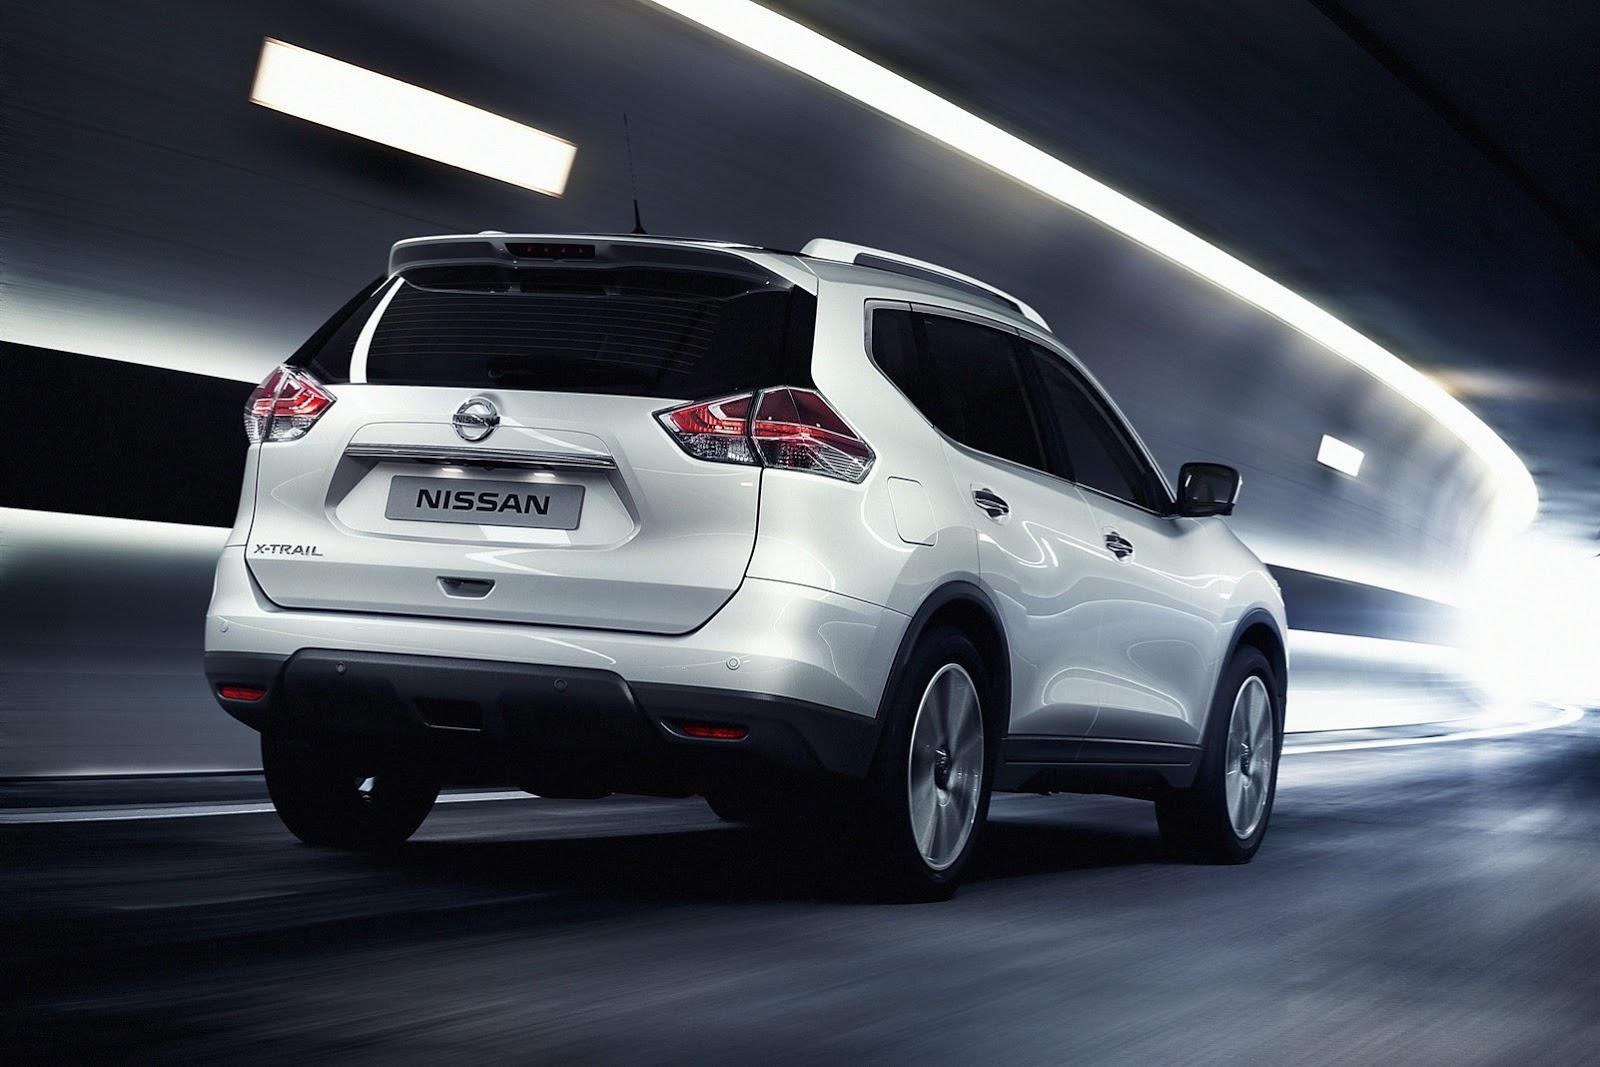 2014-Nissan-X-Trail-Rogue-13%25255B2%25255D.jpg